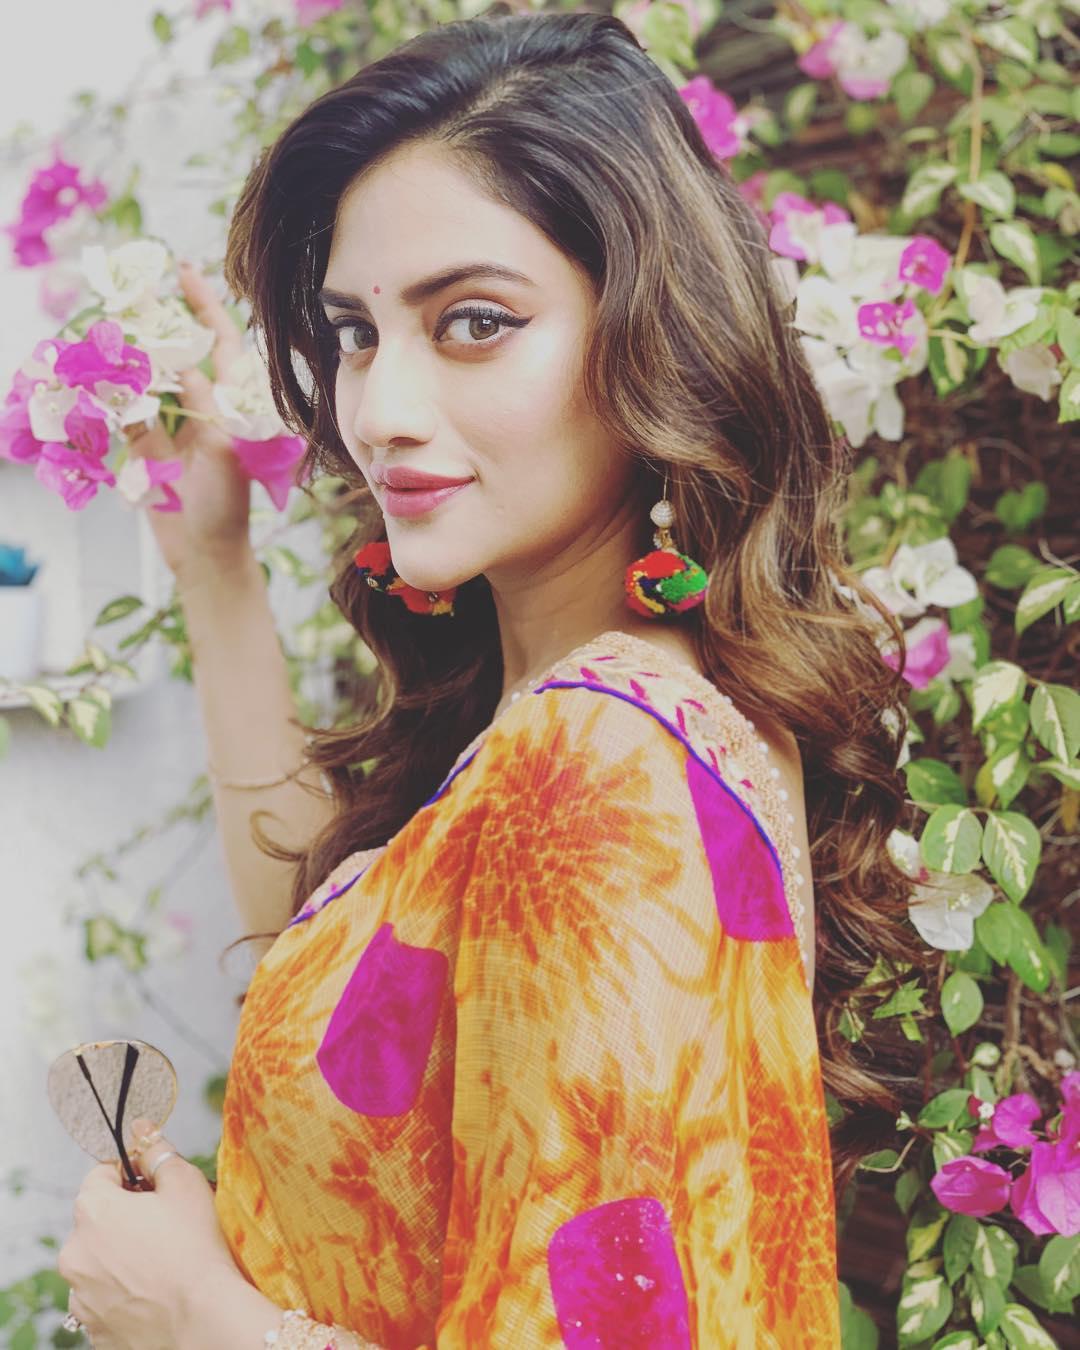 बंगाली अभिनेत्री नुसरत जहाँनं लोकसभा निवडणूक जिंकल्यानंतर ती लग्न करणार असल्याची माहिती तिच्या सोशल मीडिया अकाउंटवरून दिली.